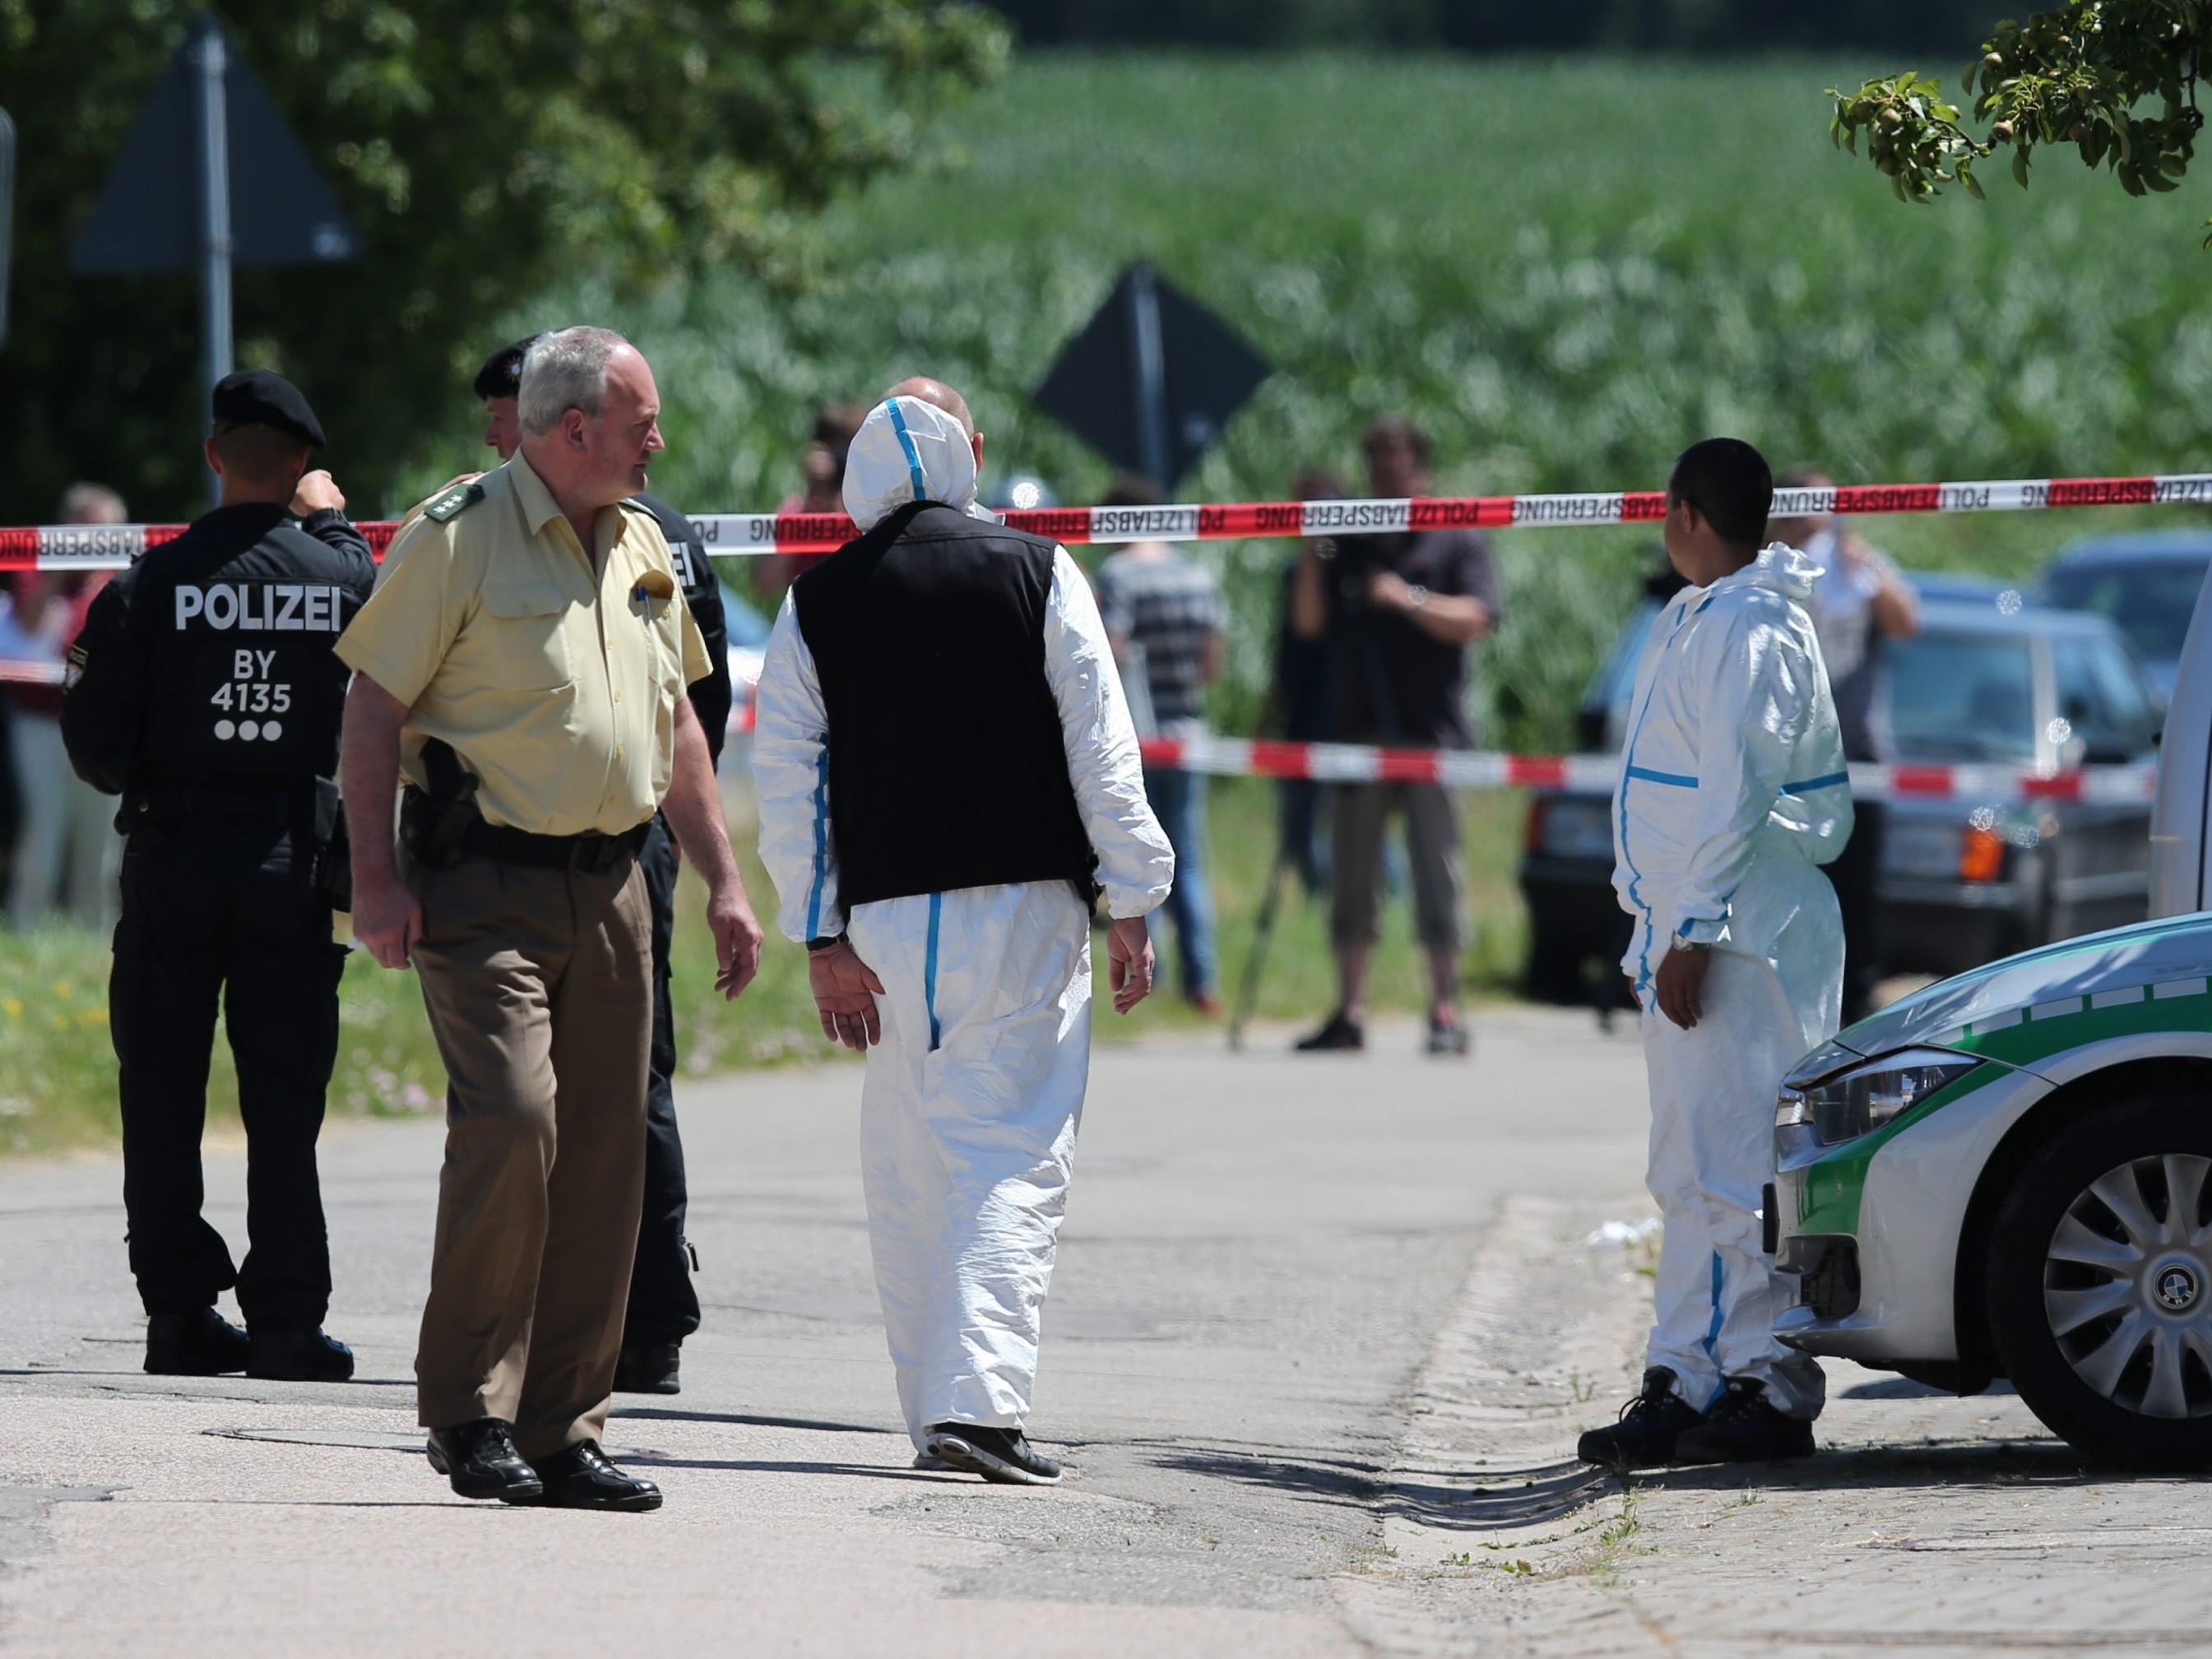 Am Tatort in Leutershausen. Ein 48-Jähriger erschoss dort letzten Sommer zwei Menschen.